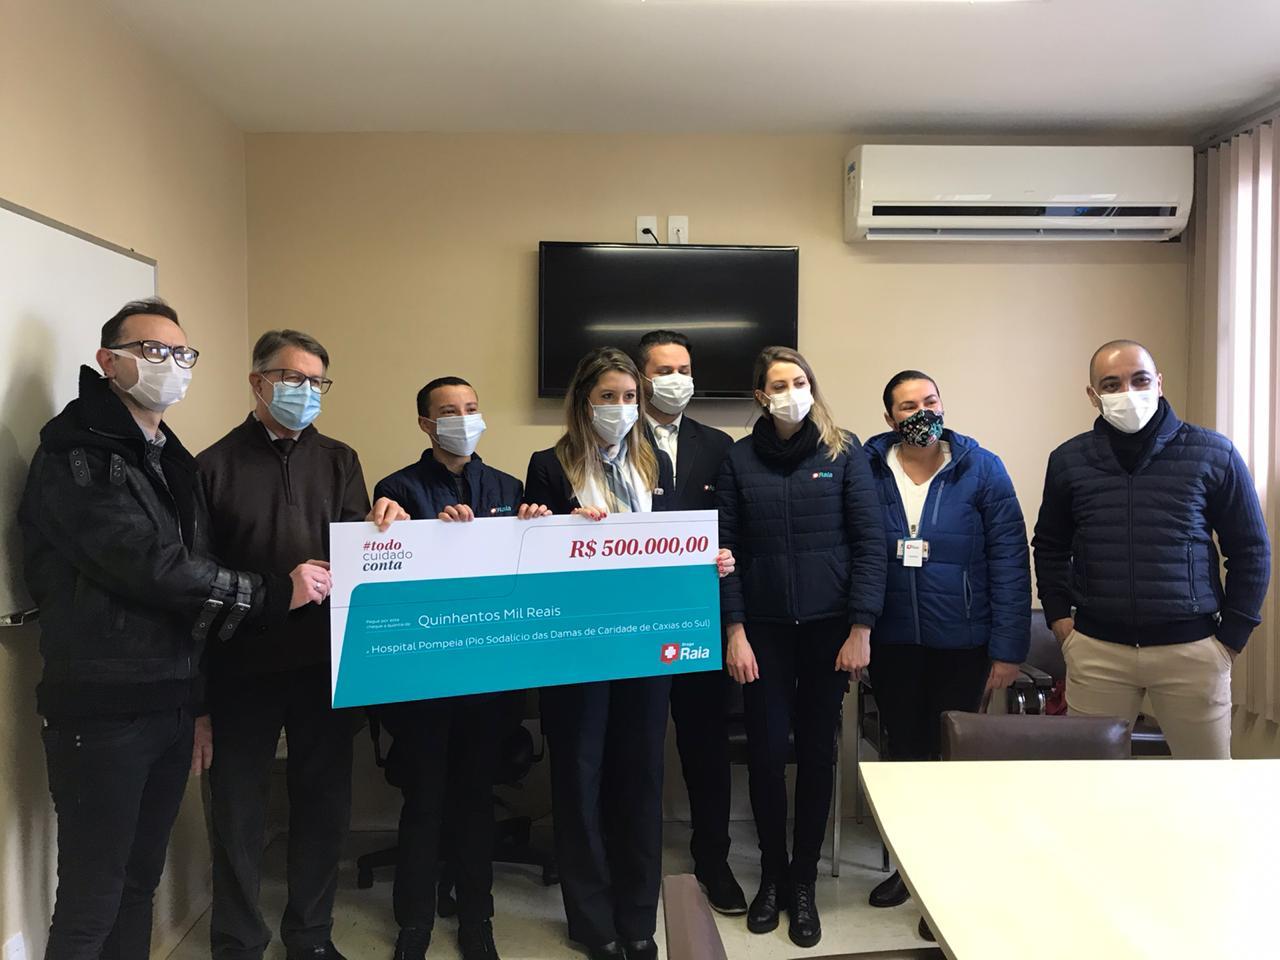 Hospital Pompéia recebe doação de R$ 500 mil para combater a covid-19